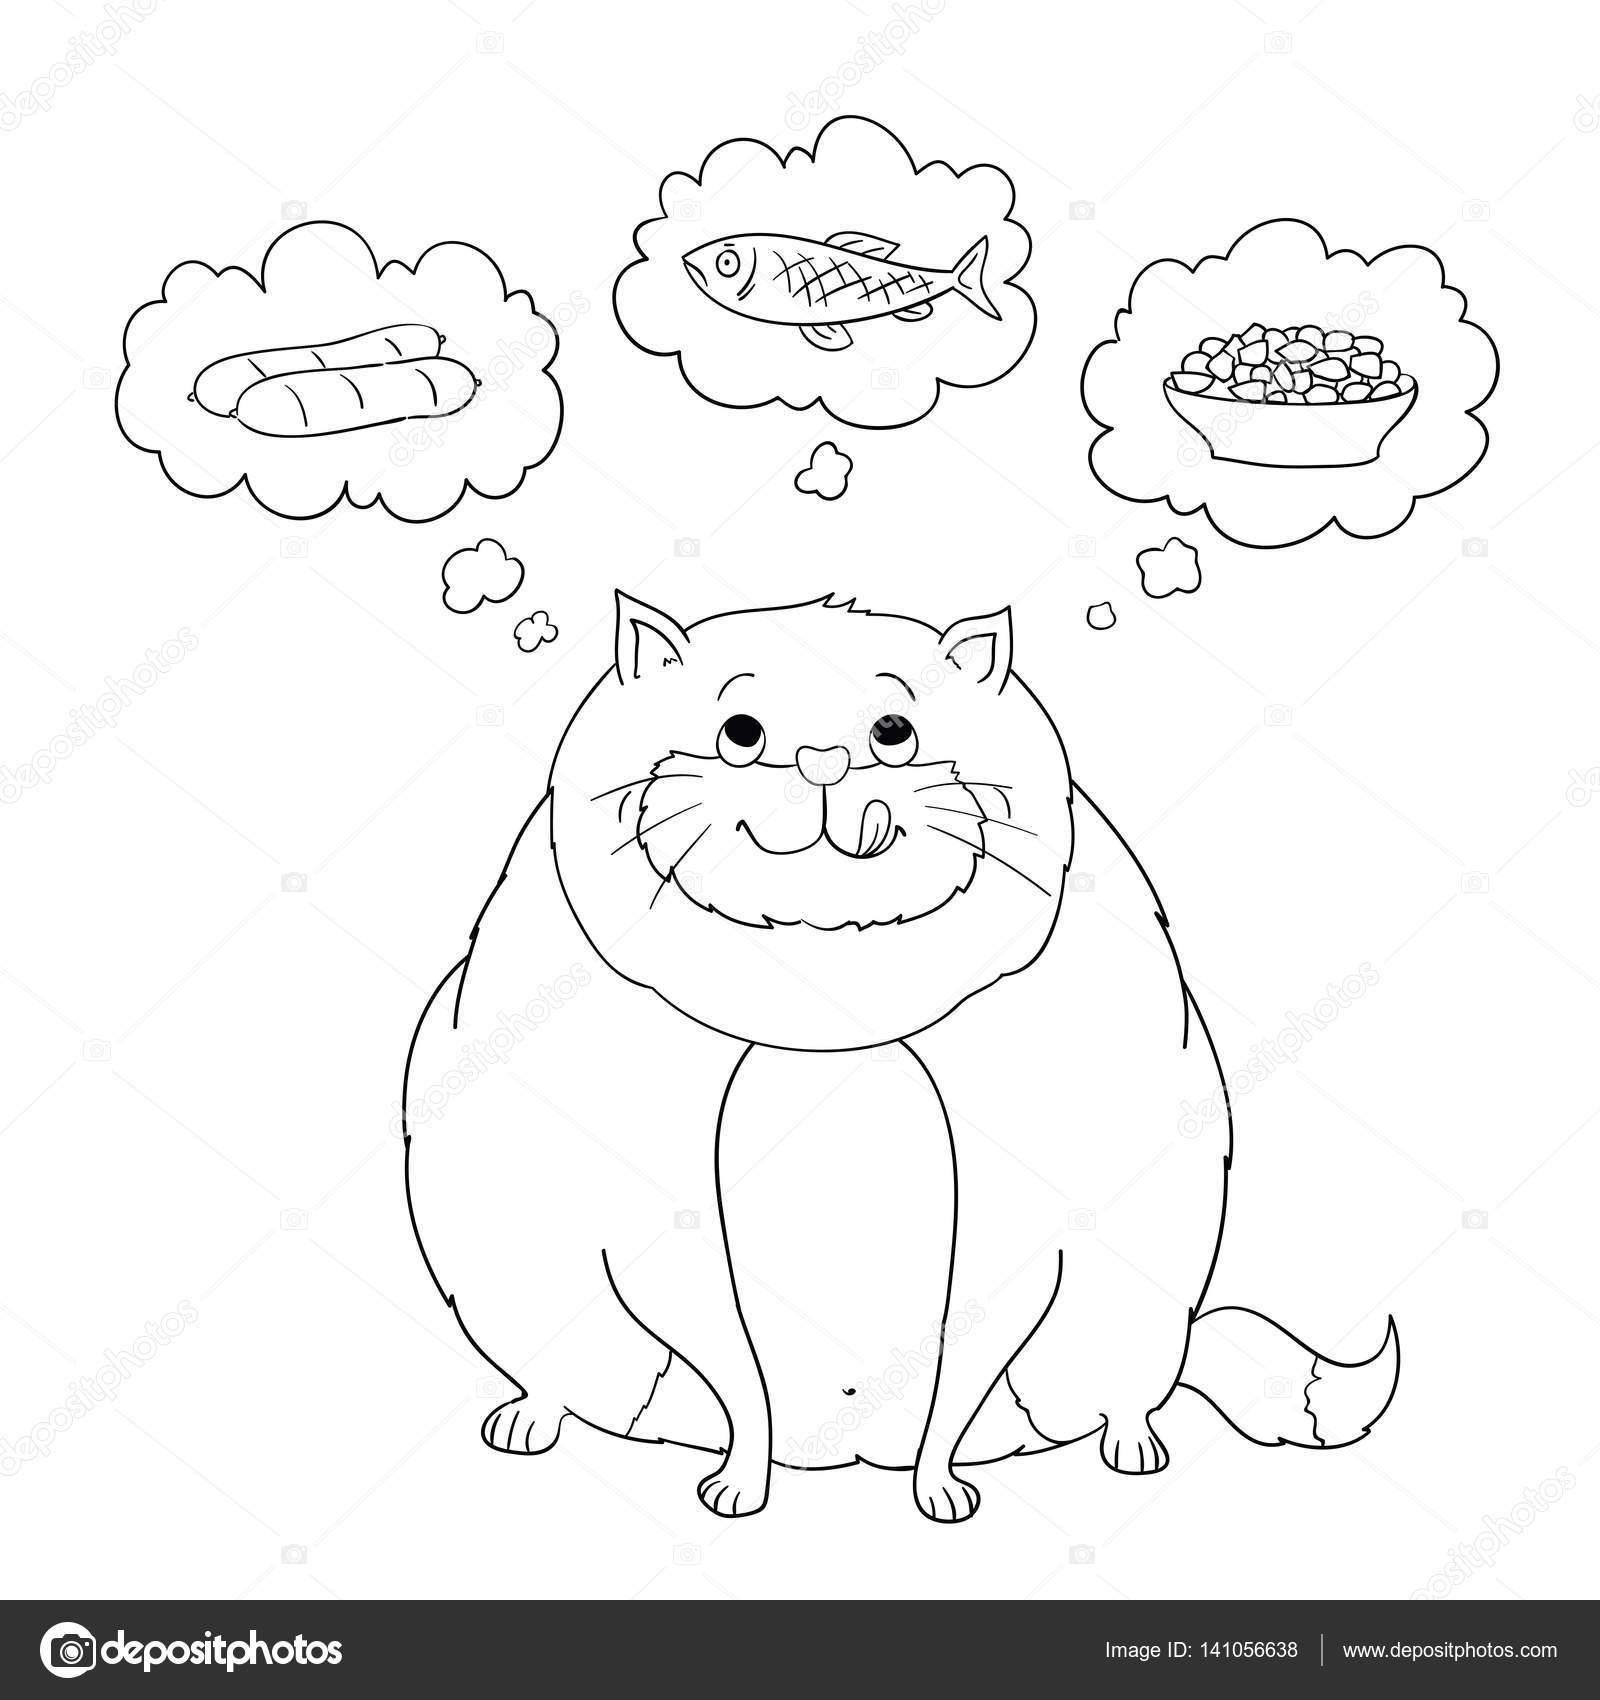 Ausmalbilder Wurst: Komik Karikatür şişman Kedi Sosis, Balık, Gıda Hakkında